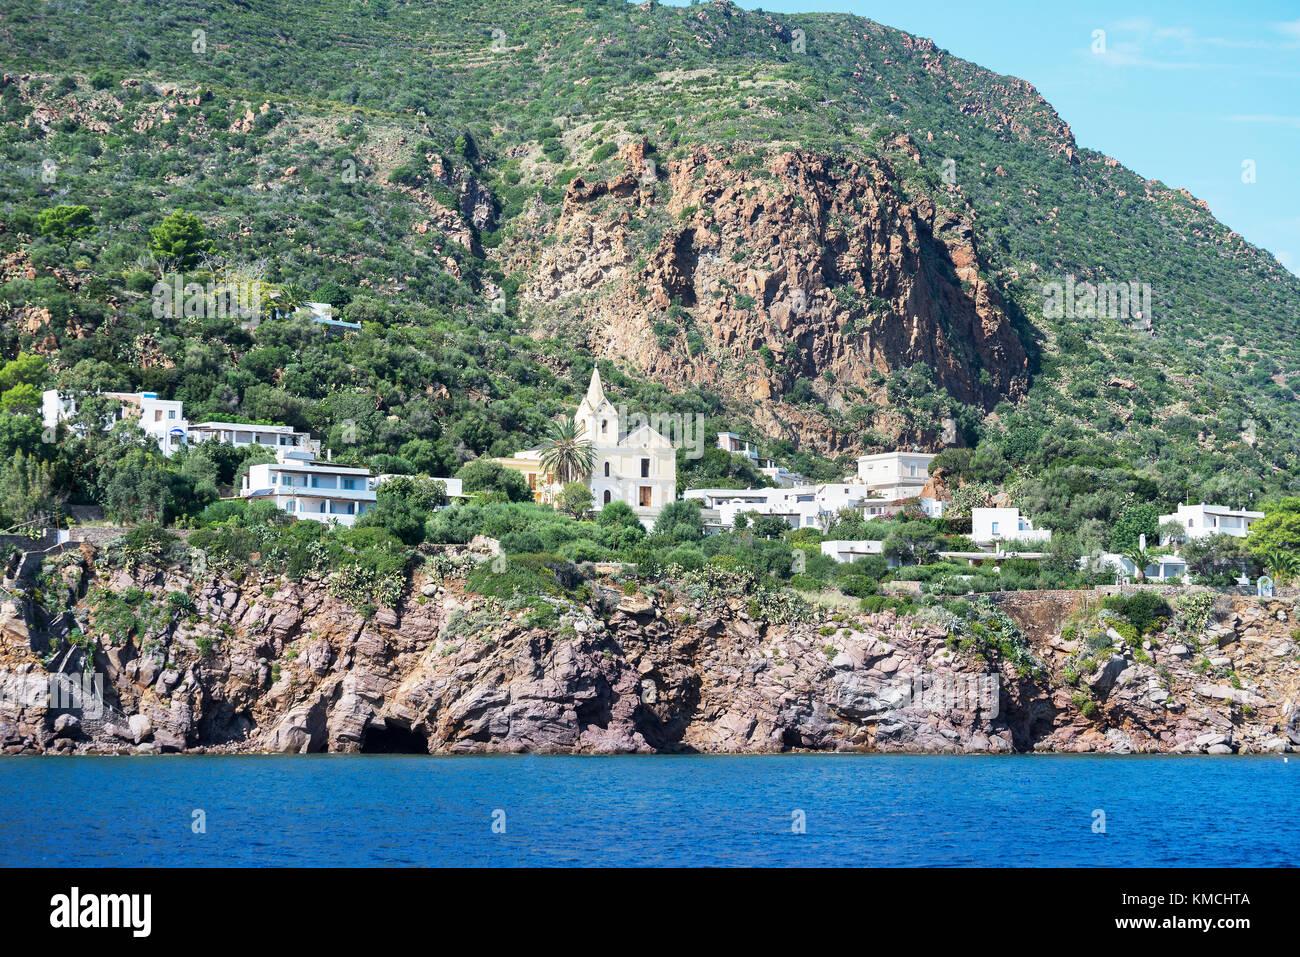 L''île de Panarea, Panarea, iles eoliennes, Sicile, Italie, europe, Photo Stock